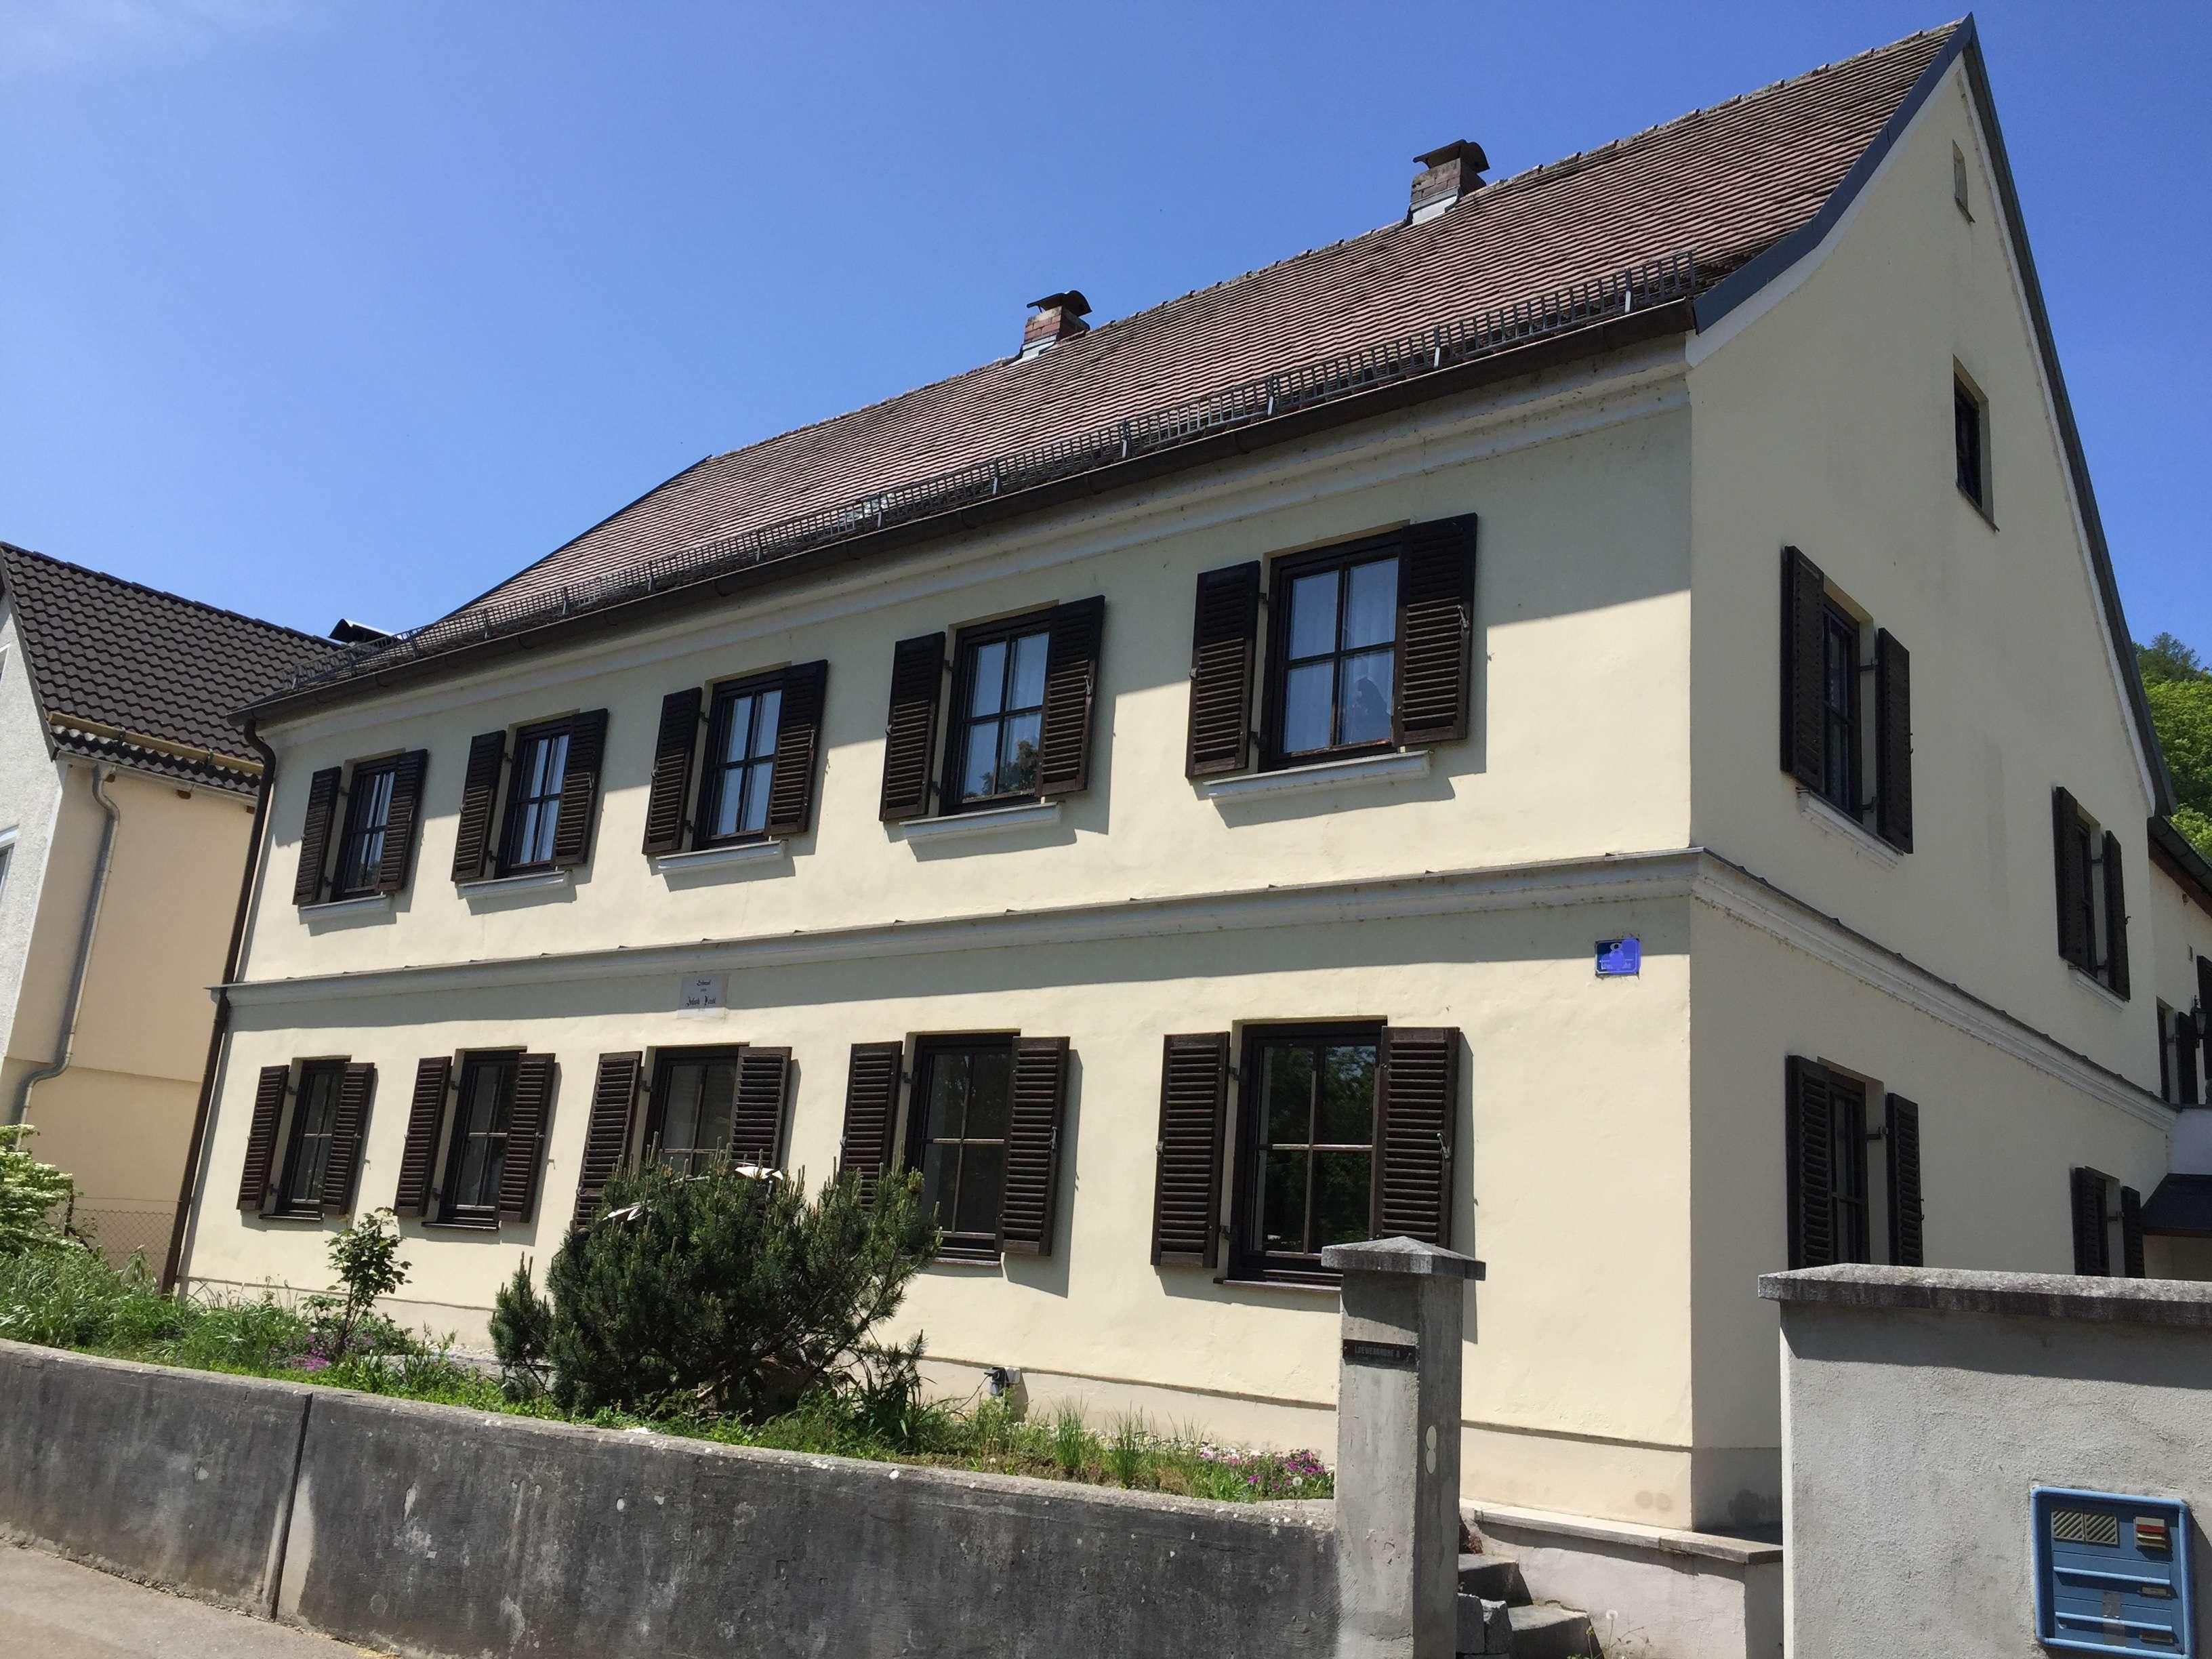 Schöne große 4-Zi-Wohnung, ebenerdig, in historischem Zweifam.haus in